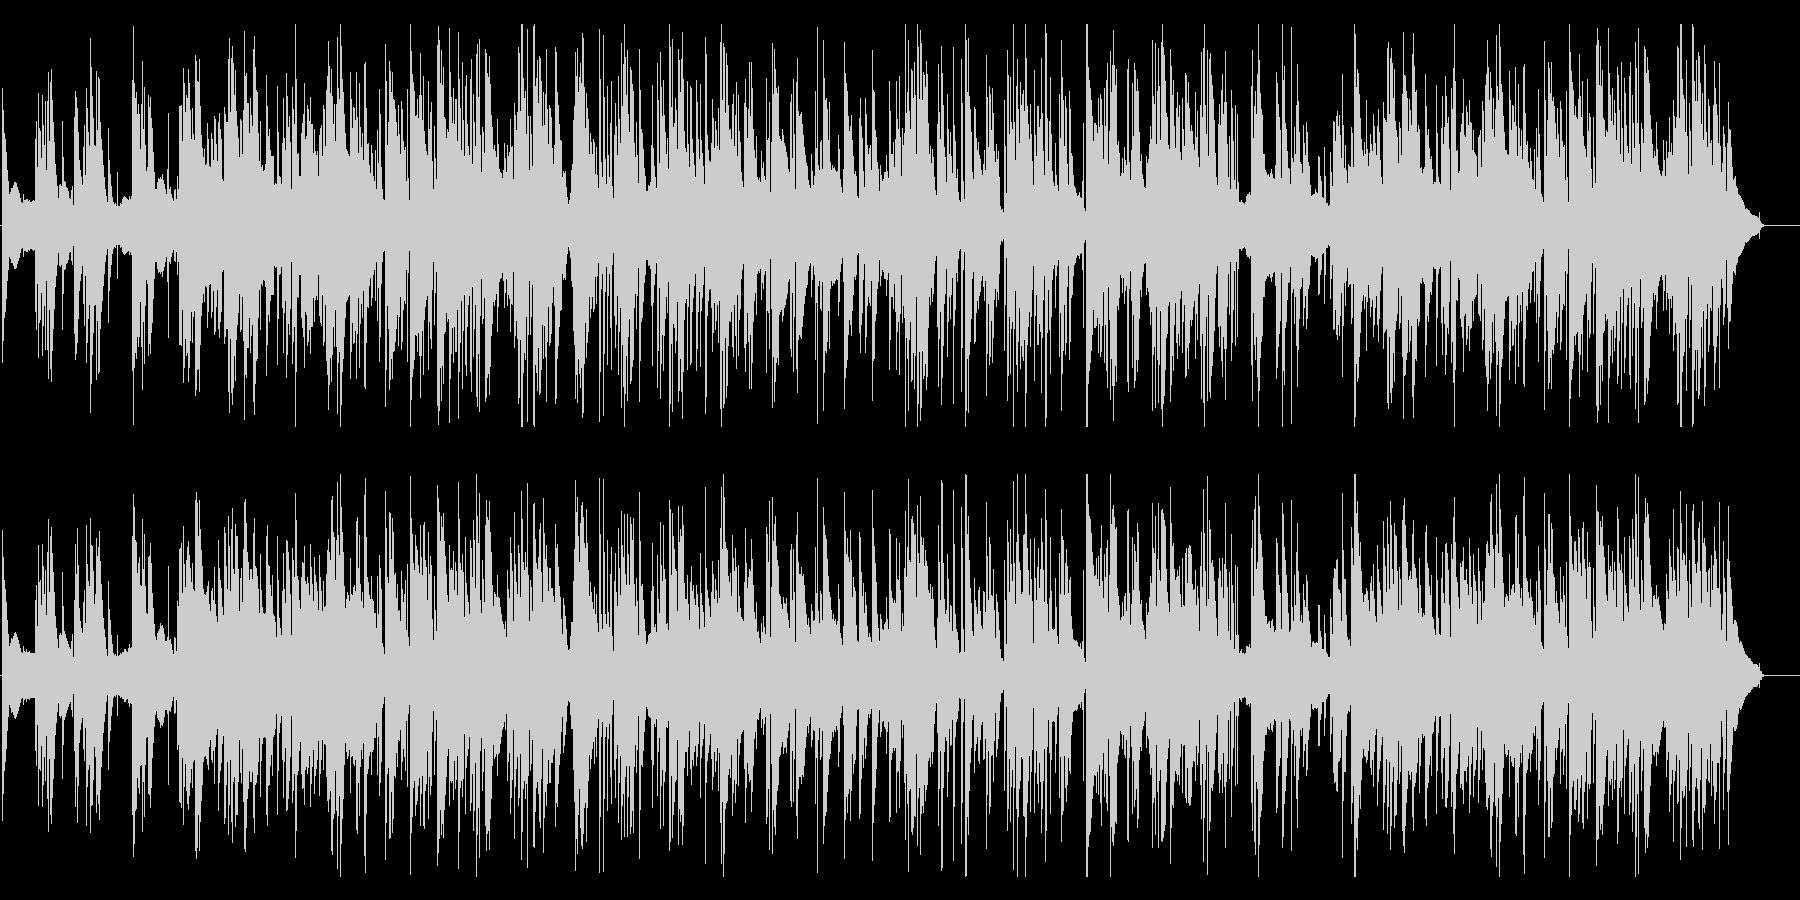 クリスマスソング_Jazzピアノトリオの未再生の波形